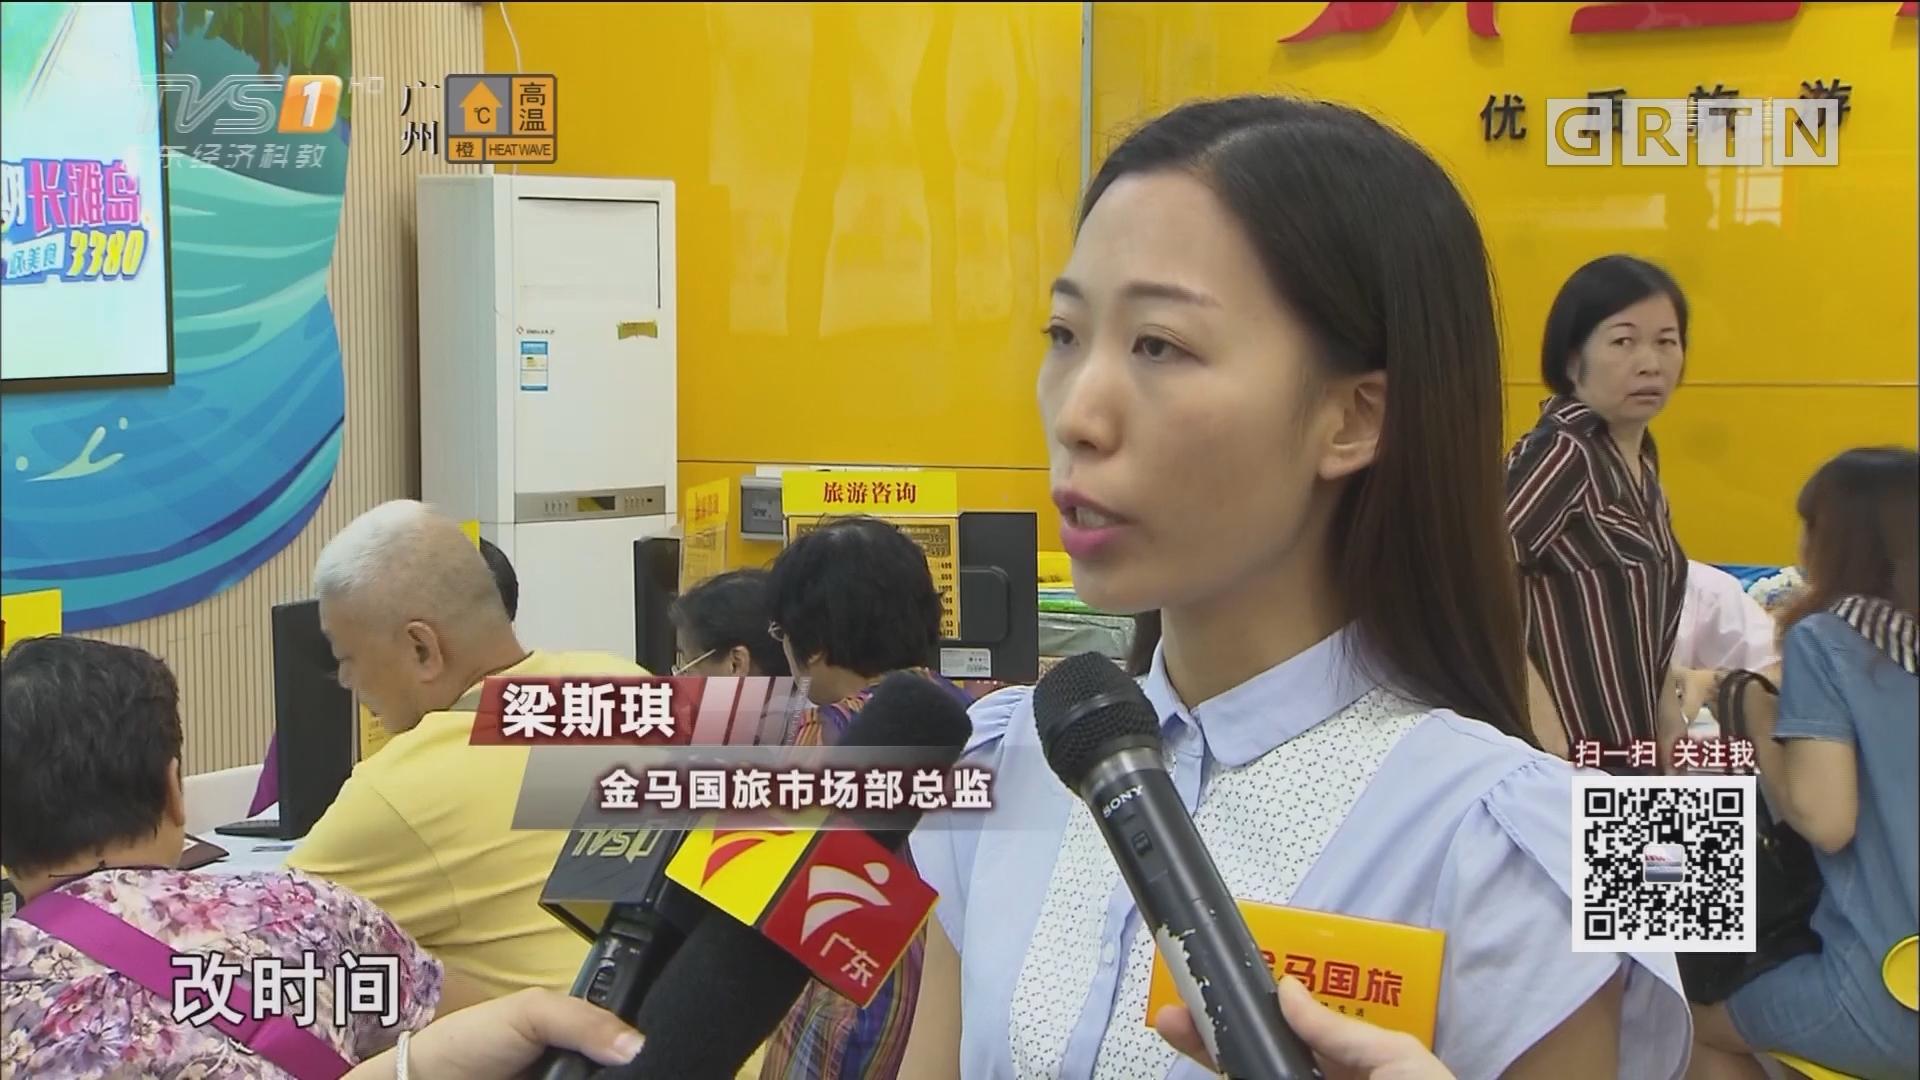 广东在九寨沟团队游客约1830人 目前没有人员伤亡